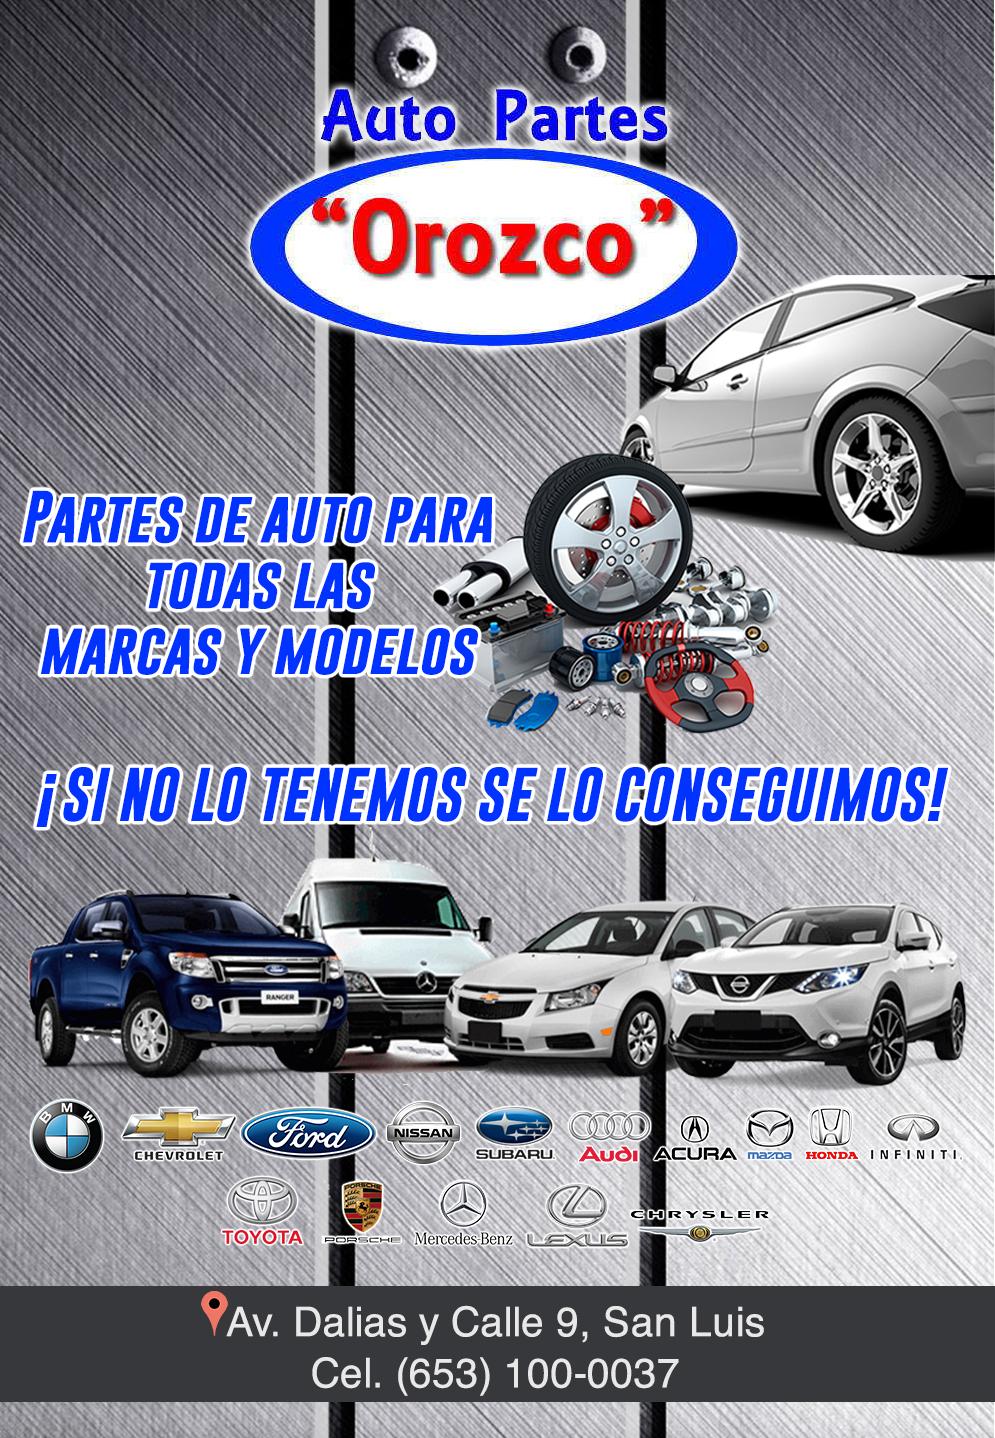 Auto Partes Orozco-Partes Usadas para autos todas las marcas y modelos